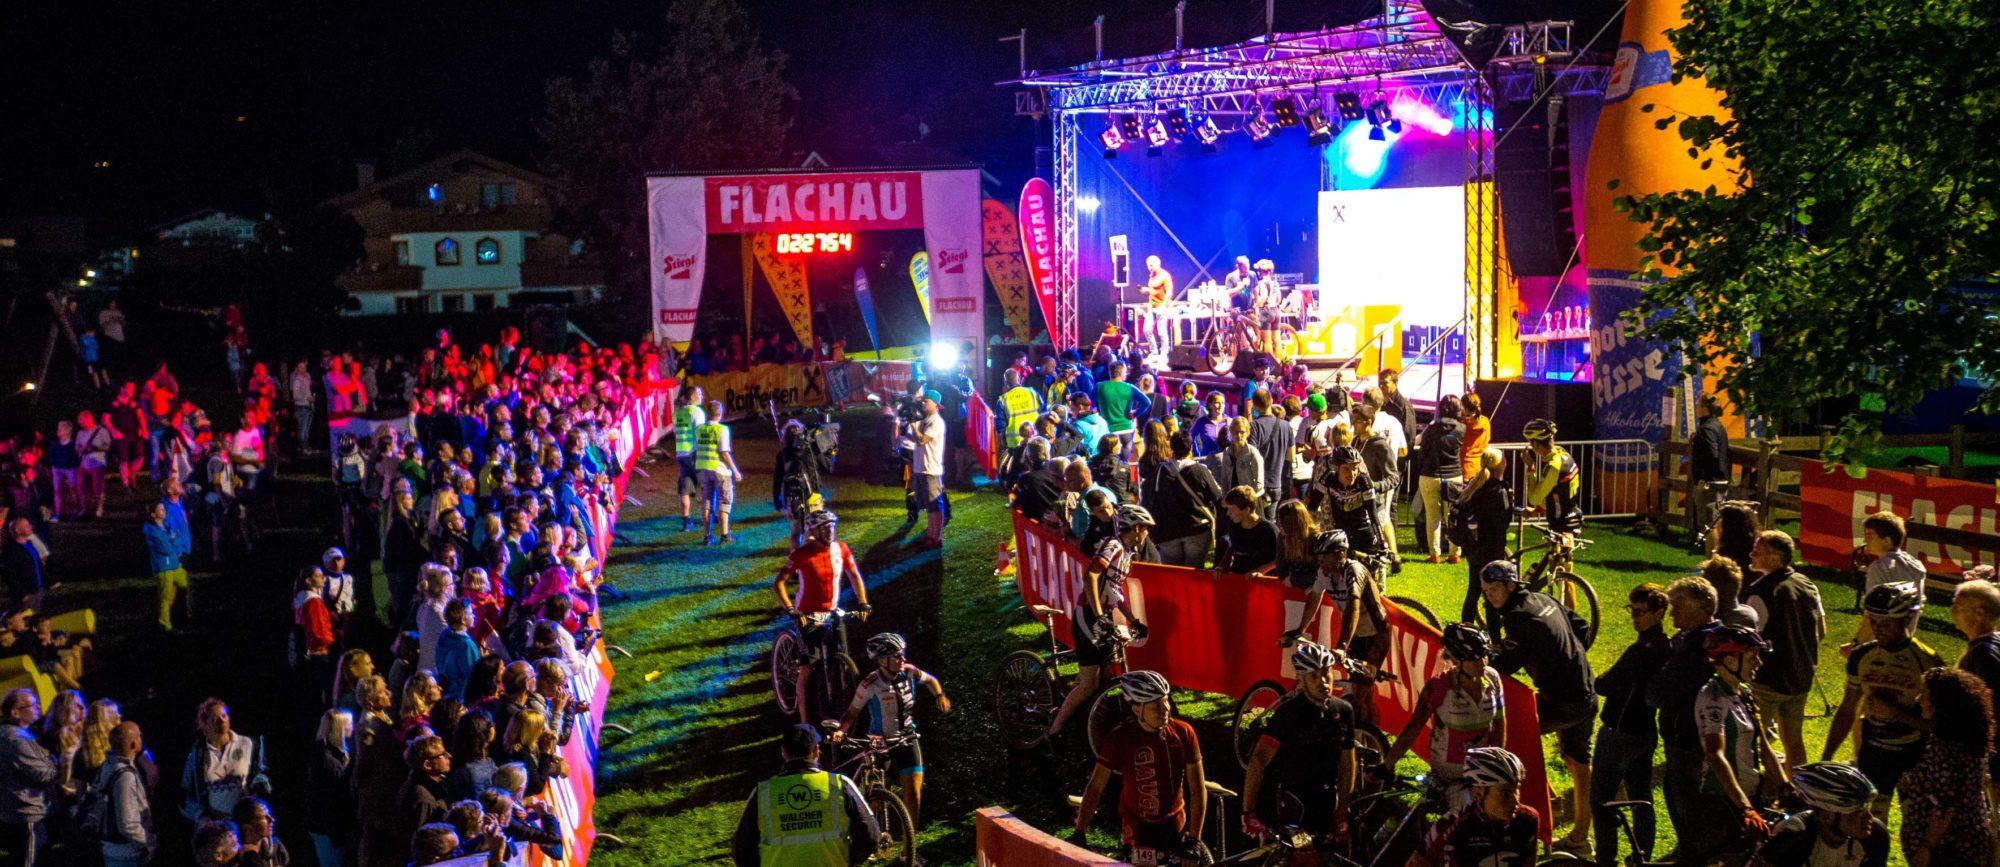 BIKE NIGHT FLACHAU CAMP 2018 powered by RAD.SPORT.SZENE